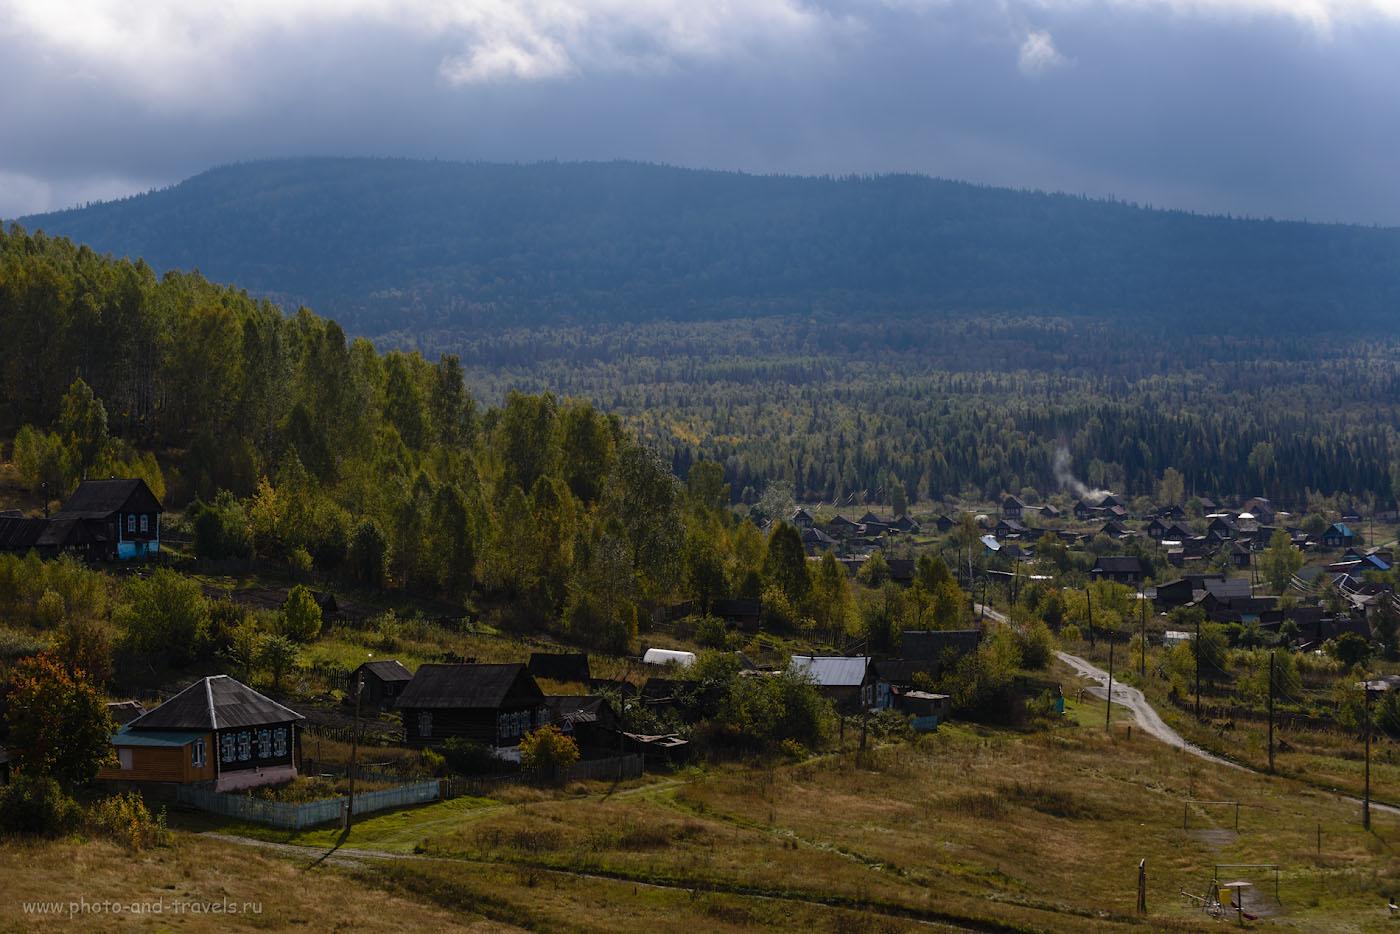 Фотография 28. Вероятно, на этой вершине, скрытой тучей, находится Черная скала. Вид на поселок Магнитка. 1/500, -1.67, 8.0, 100, 82.